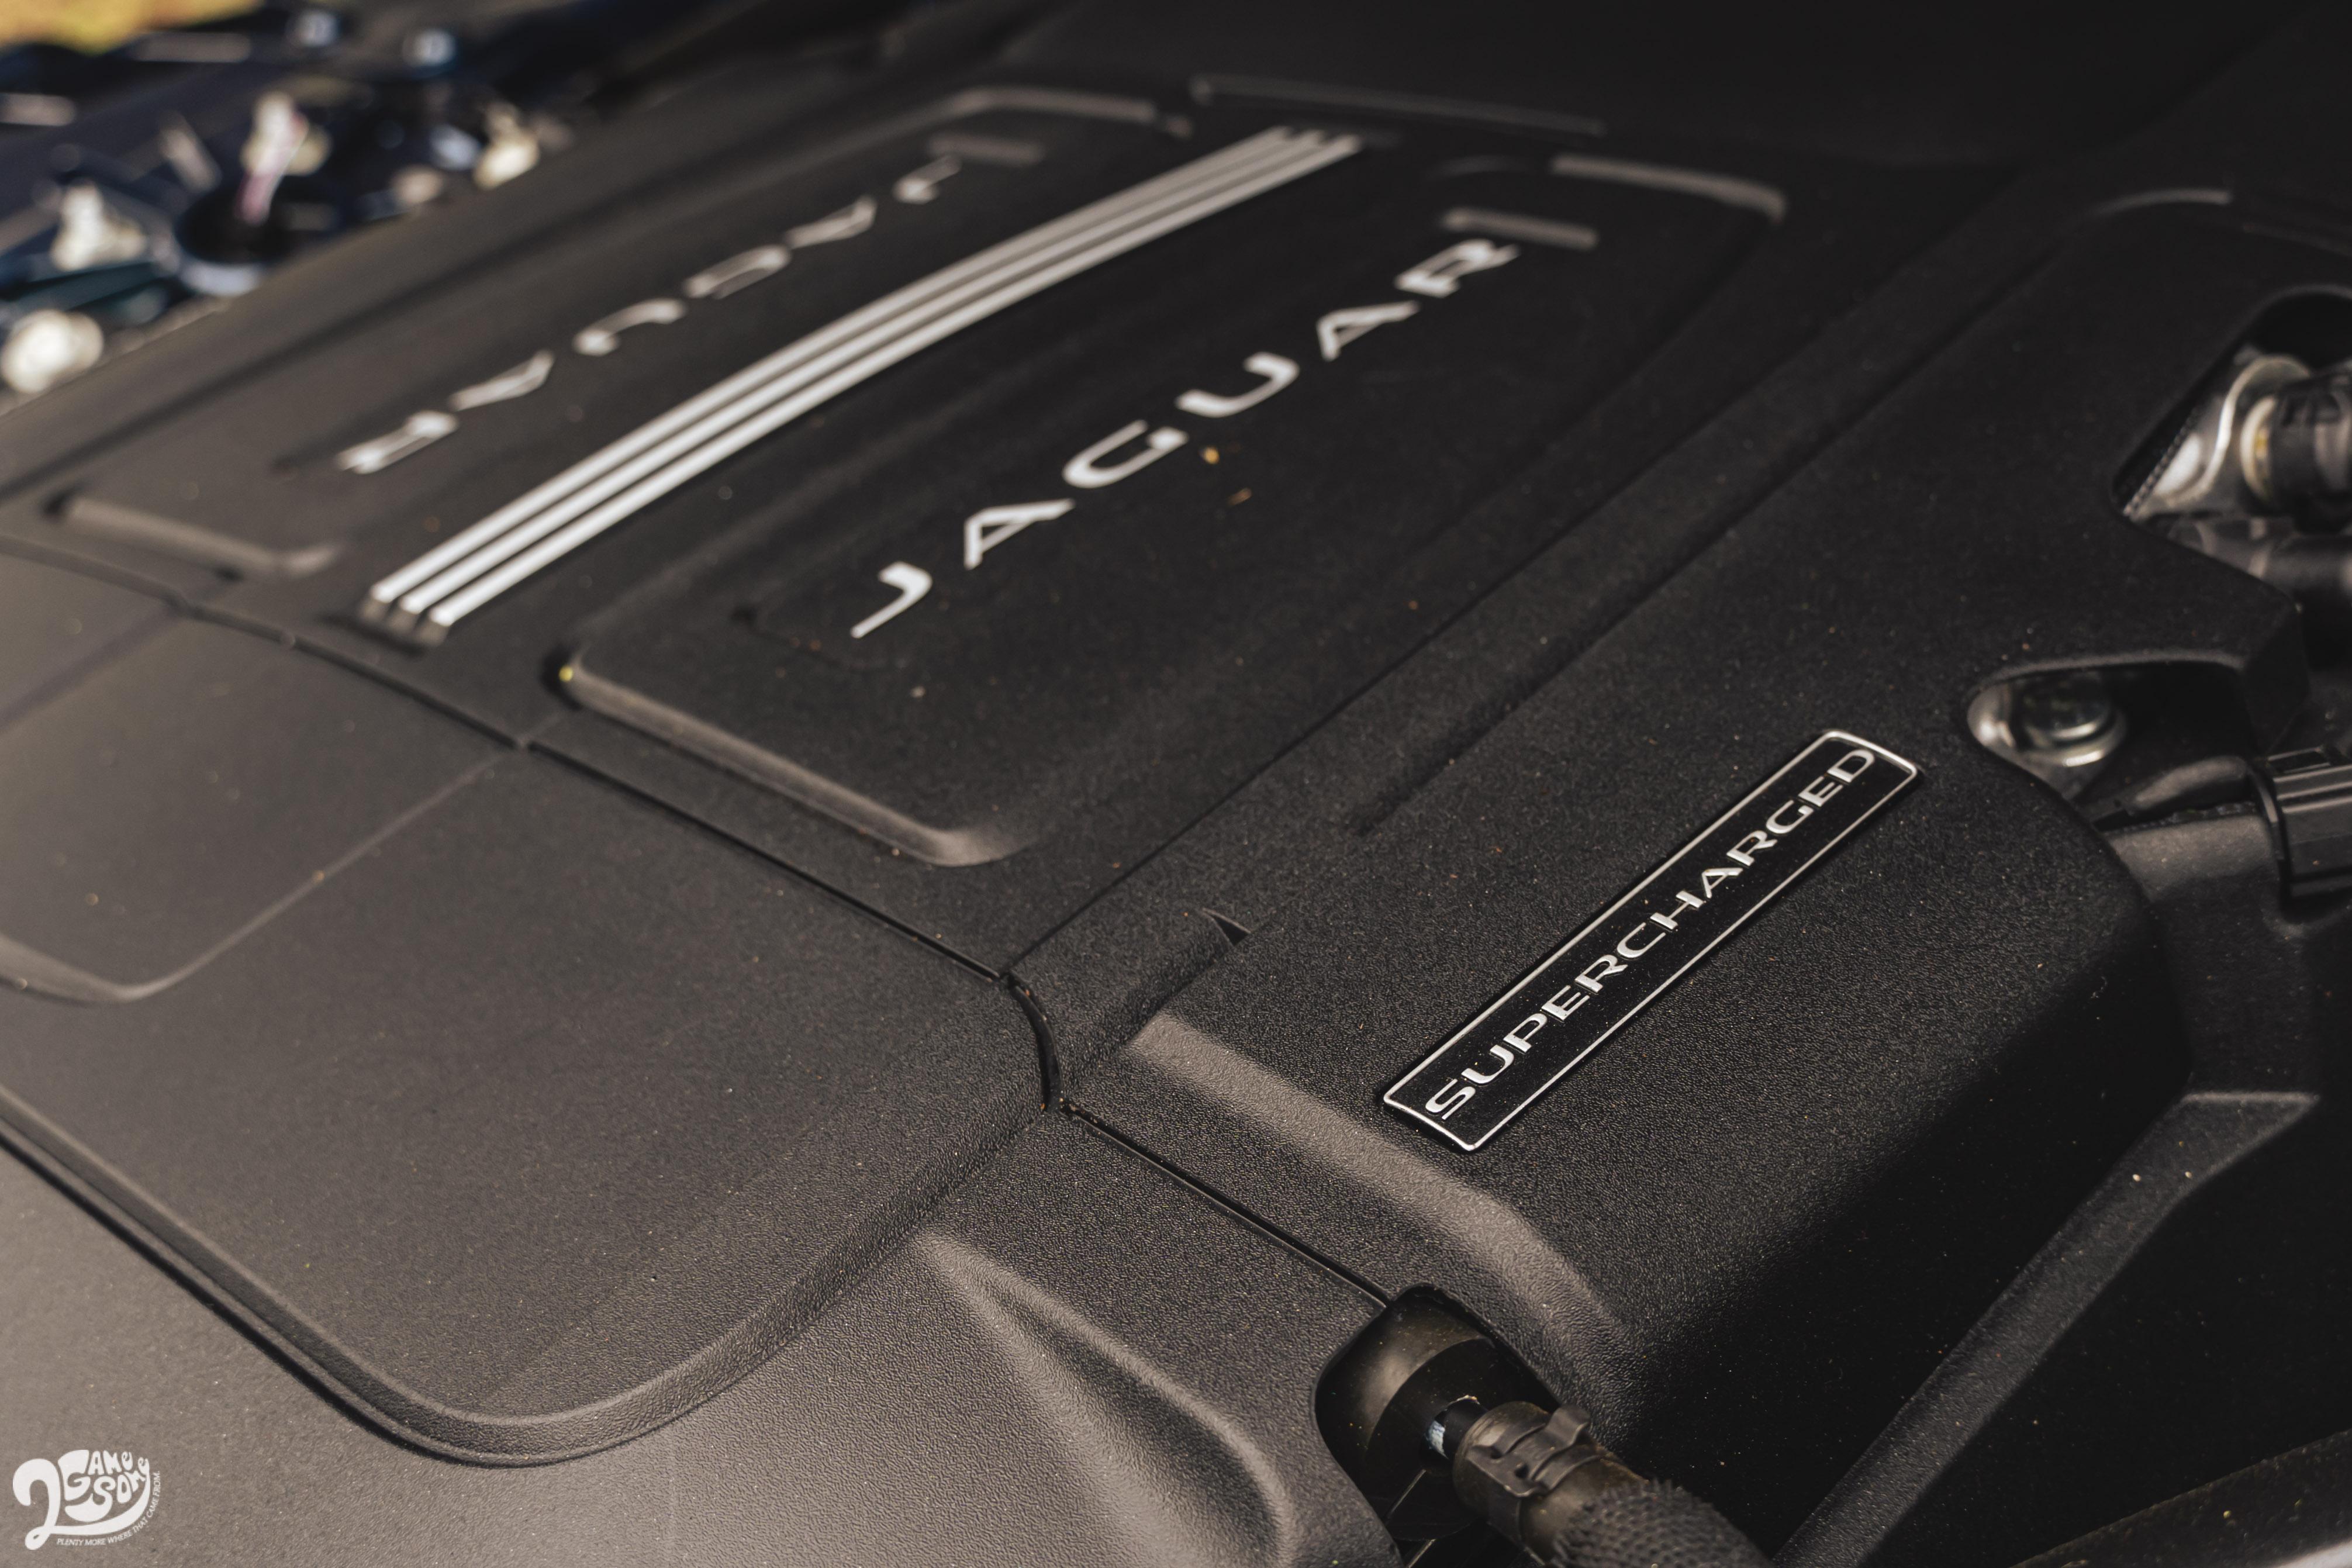 5.0 升 V8 機械增壓引擎可榨出 450 匹馬力與 580 牛頓米最大扭力。